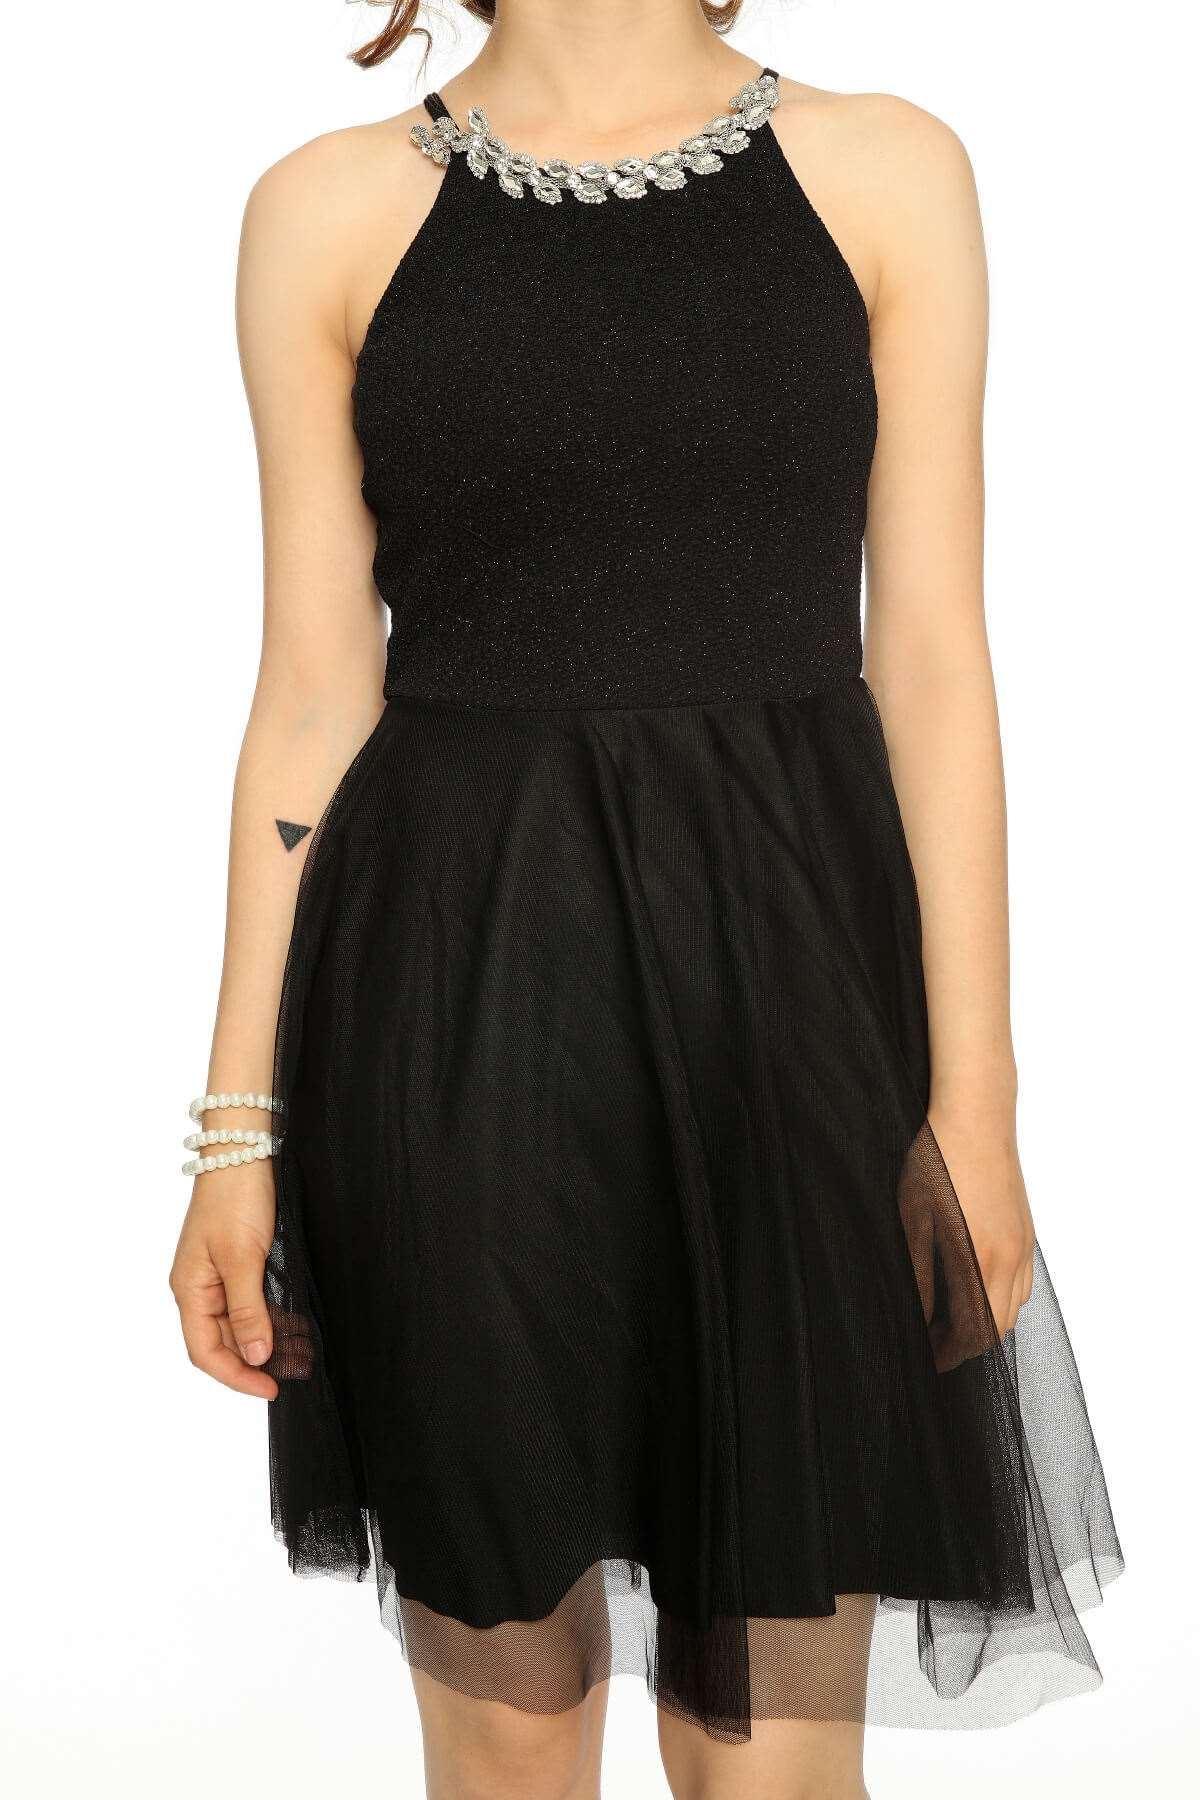 Kolyeli Geniş Tül Etek Elbise Siyah